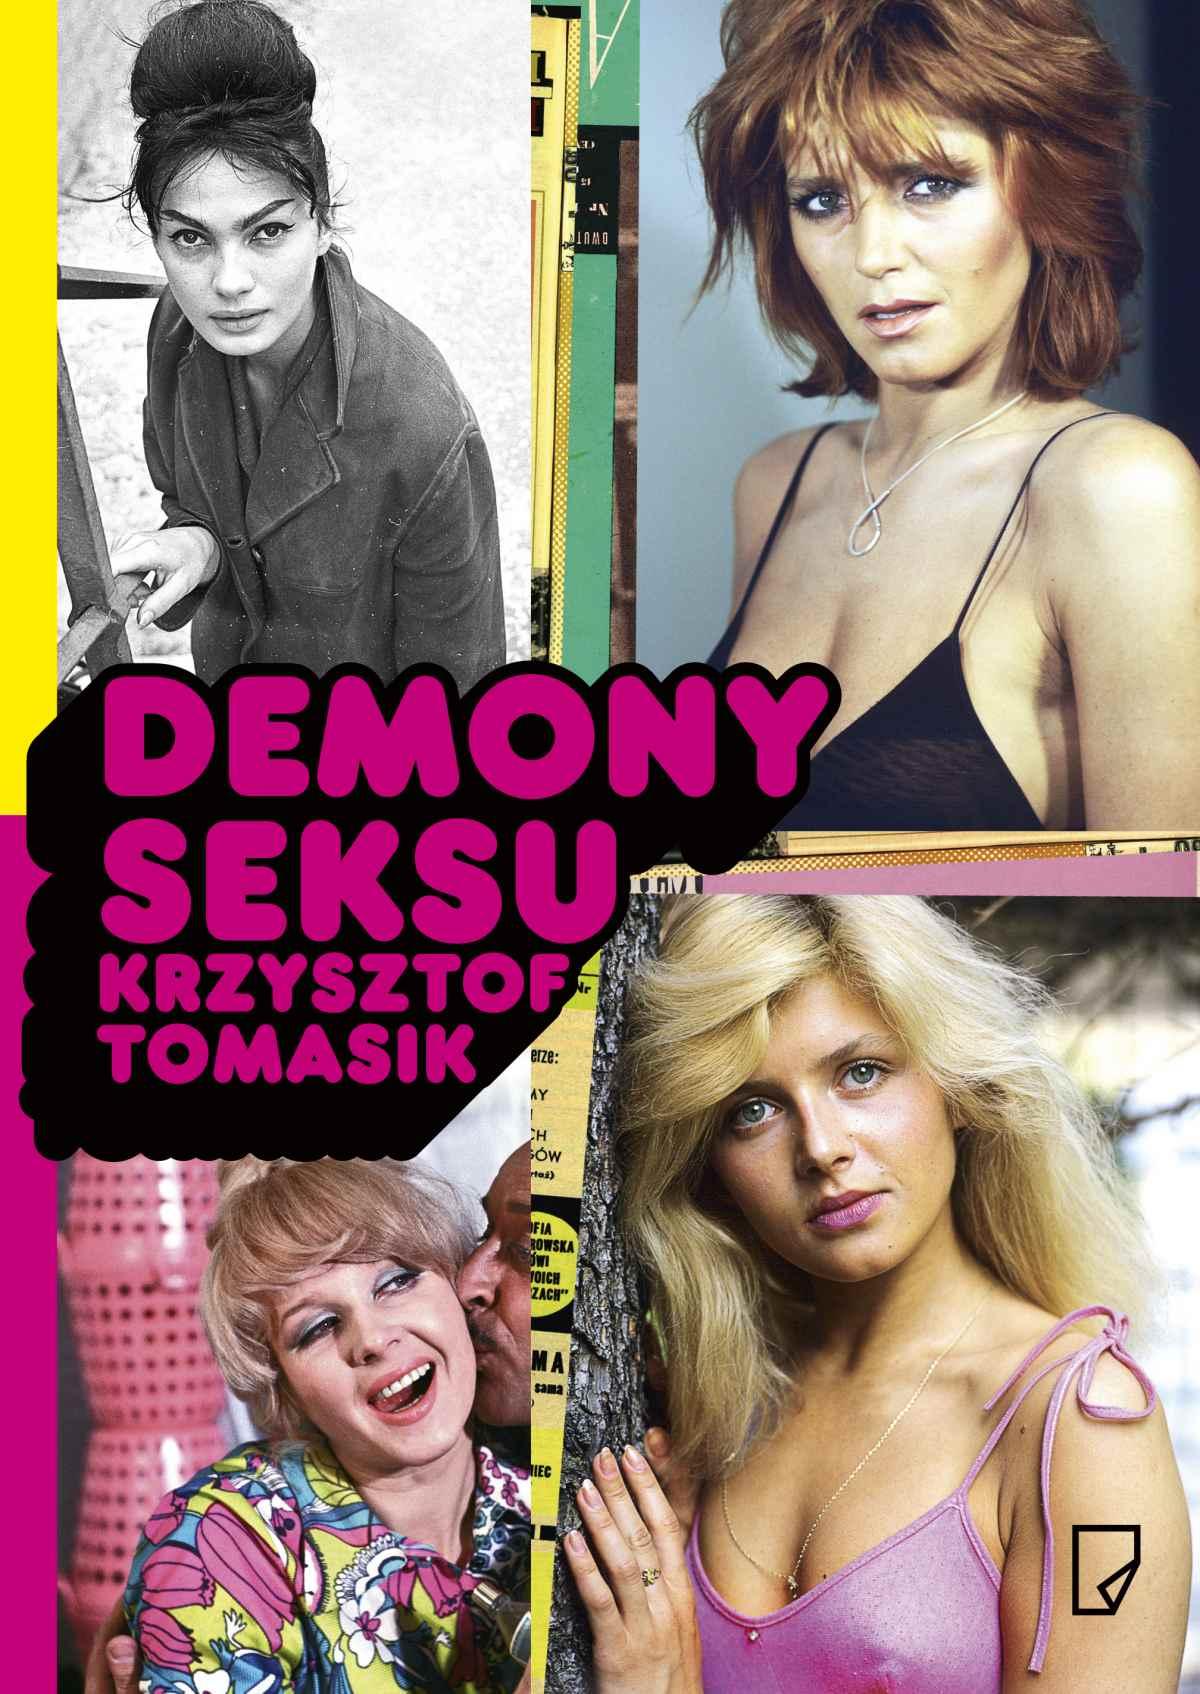 Demony seksu - Ebook (Książka EPUB) do pobrania w formacie EPUB